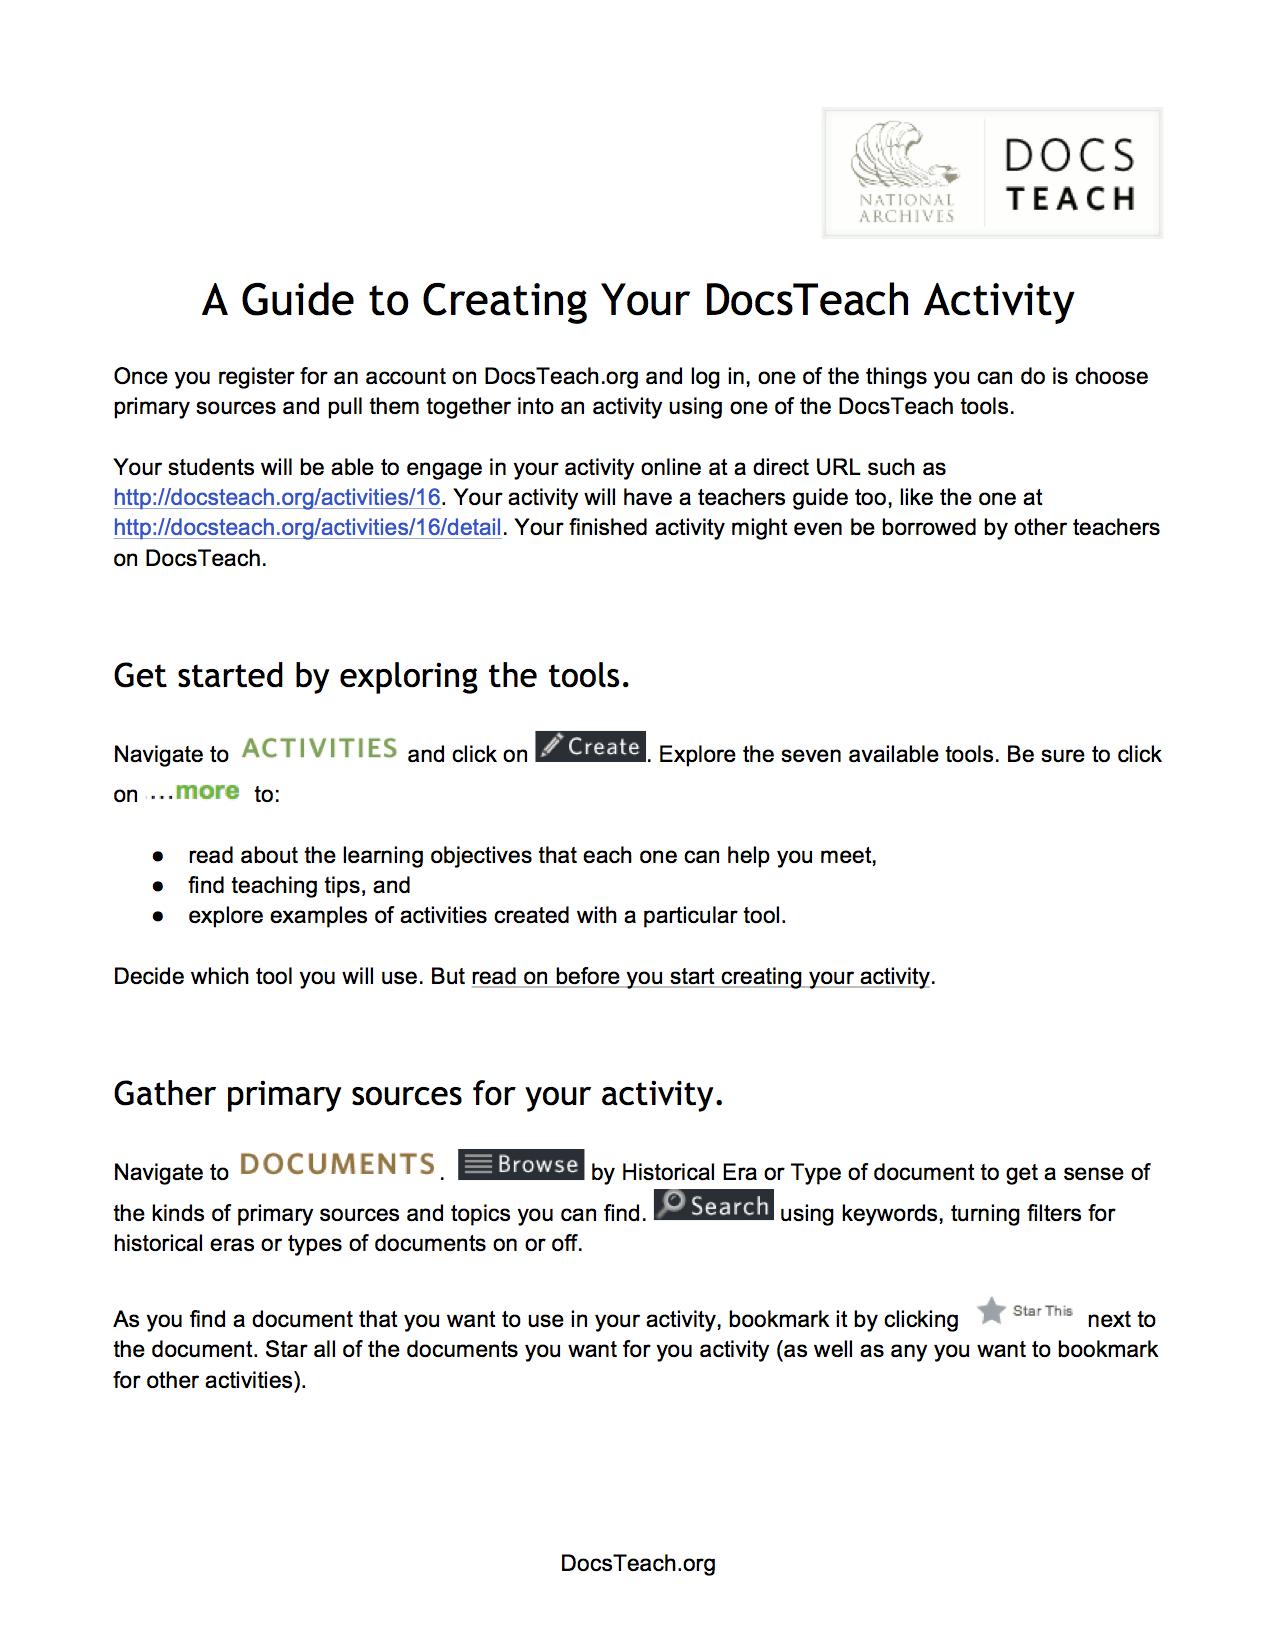 Snapshot of PDF version of guide